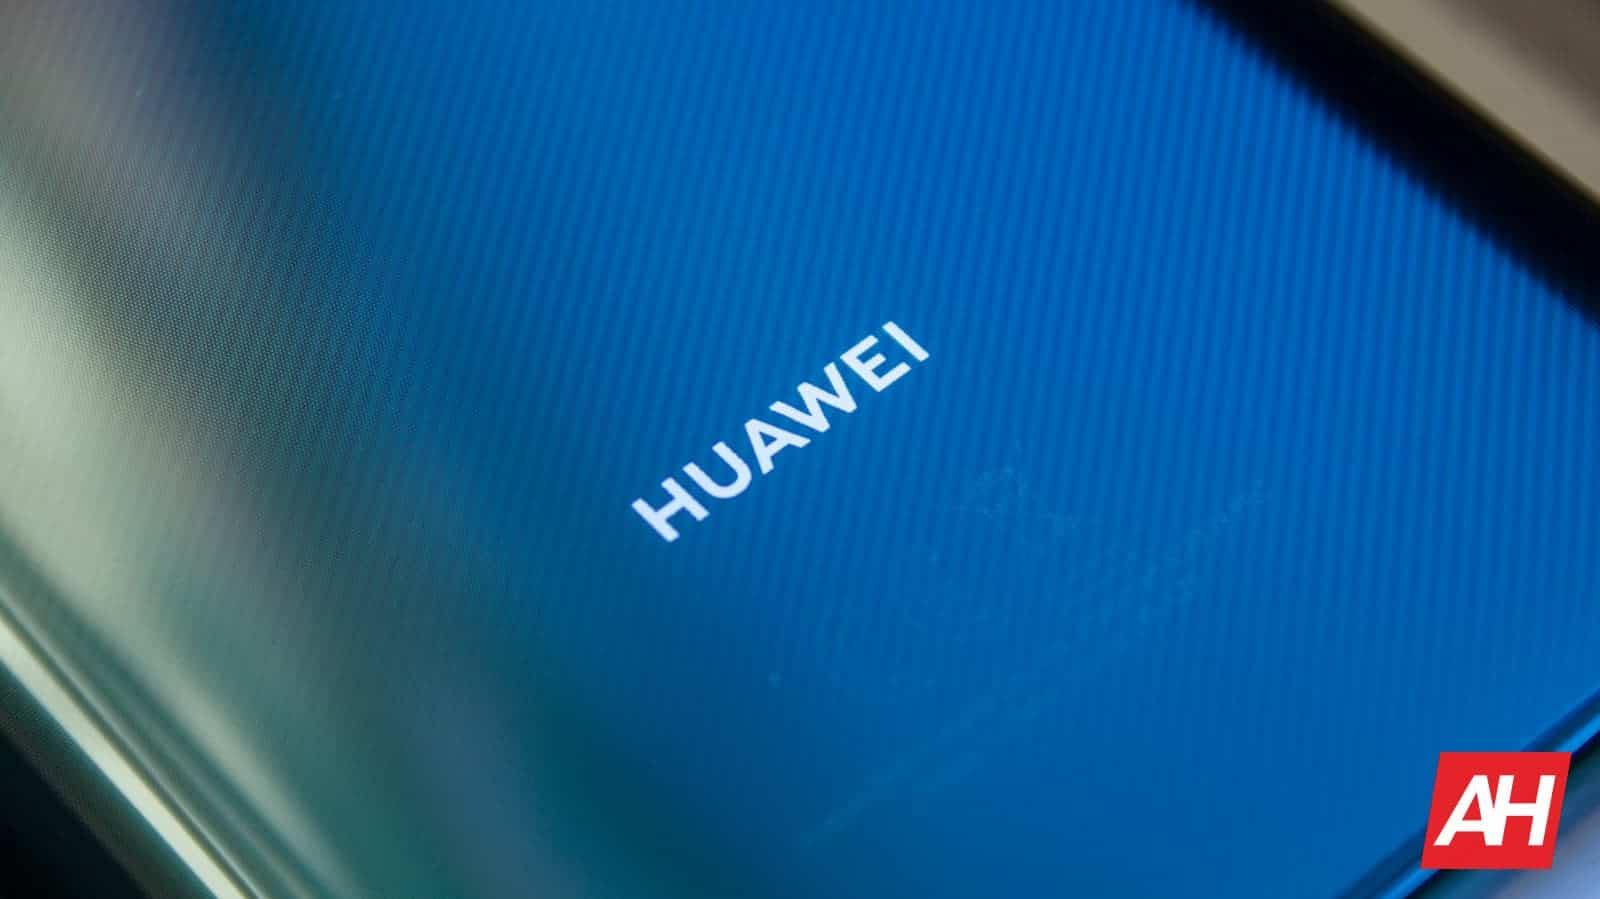 Huawei Mate 20 Pro AH NS 03 logo AH 2019